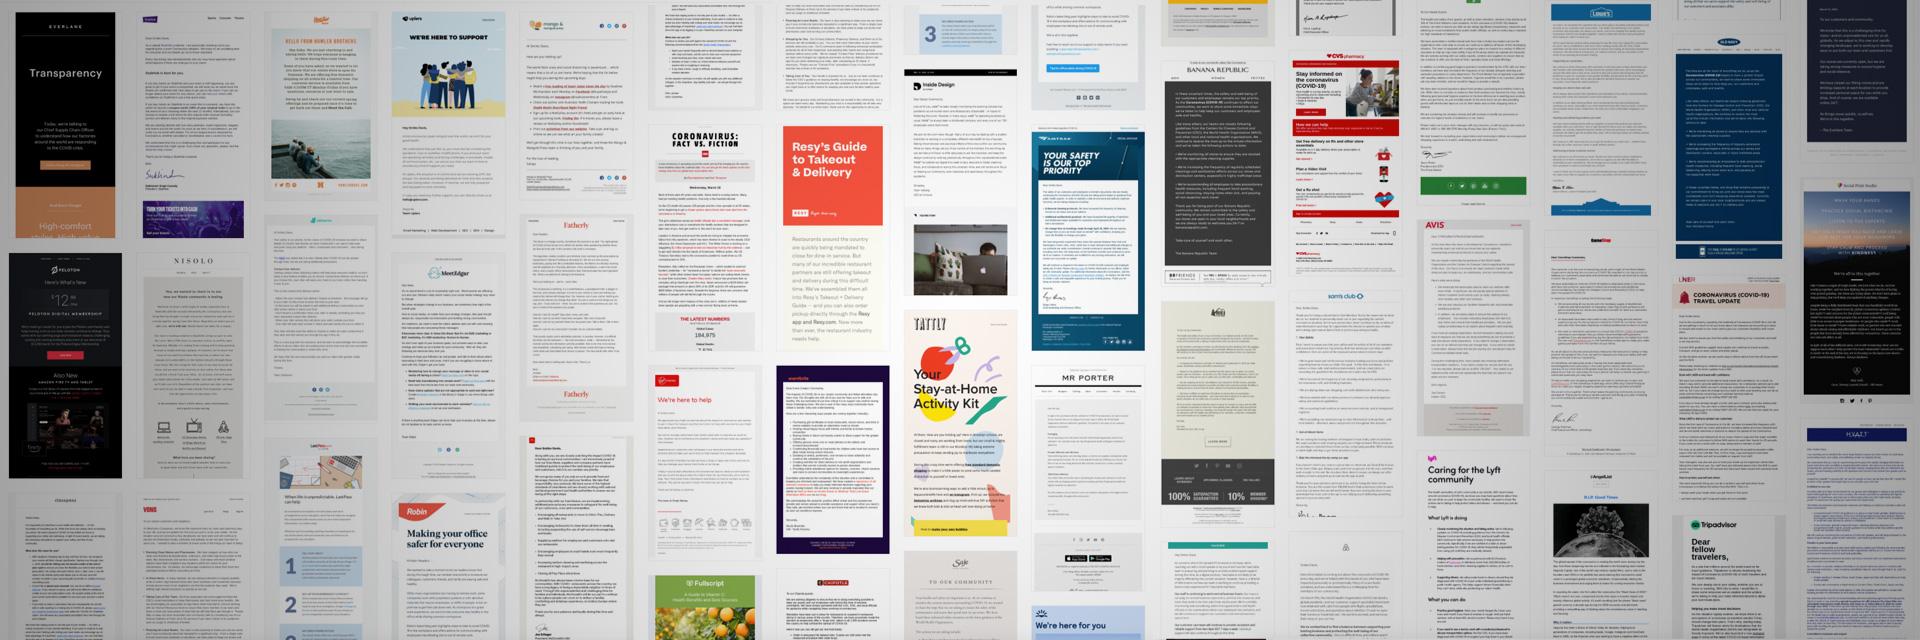 在新冠肺炎疫情COVID-19期间,这100多个国外公司发给客户的邮件到底长啥样子?直接提供截图供你参考